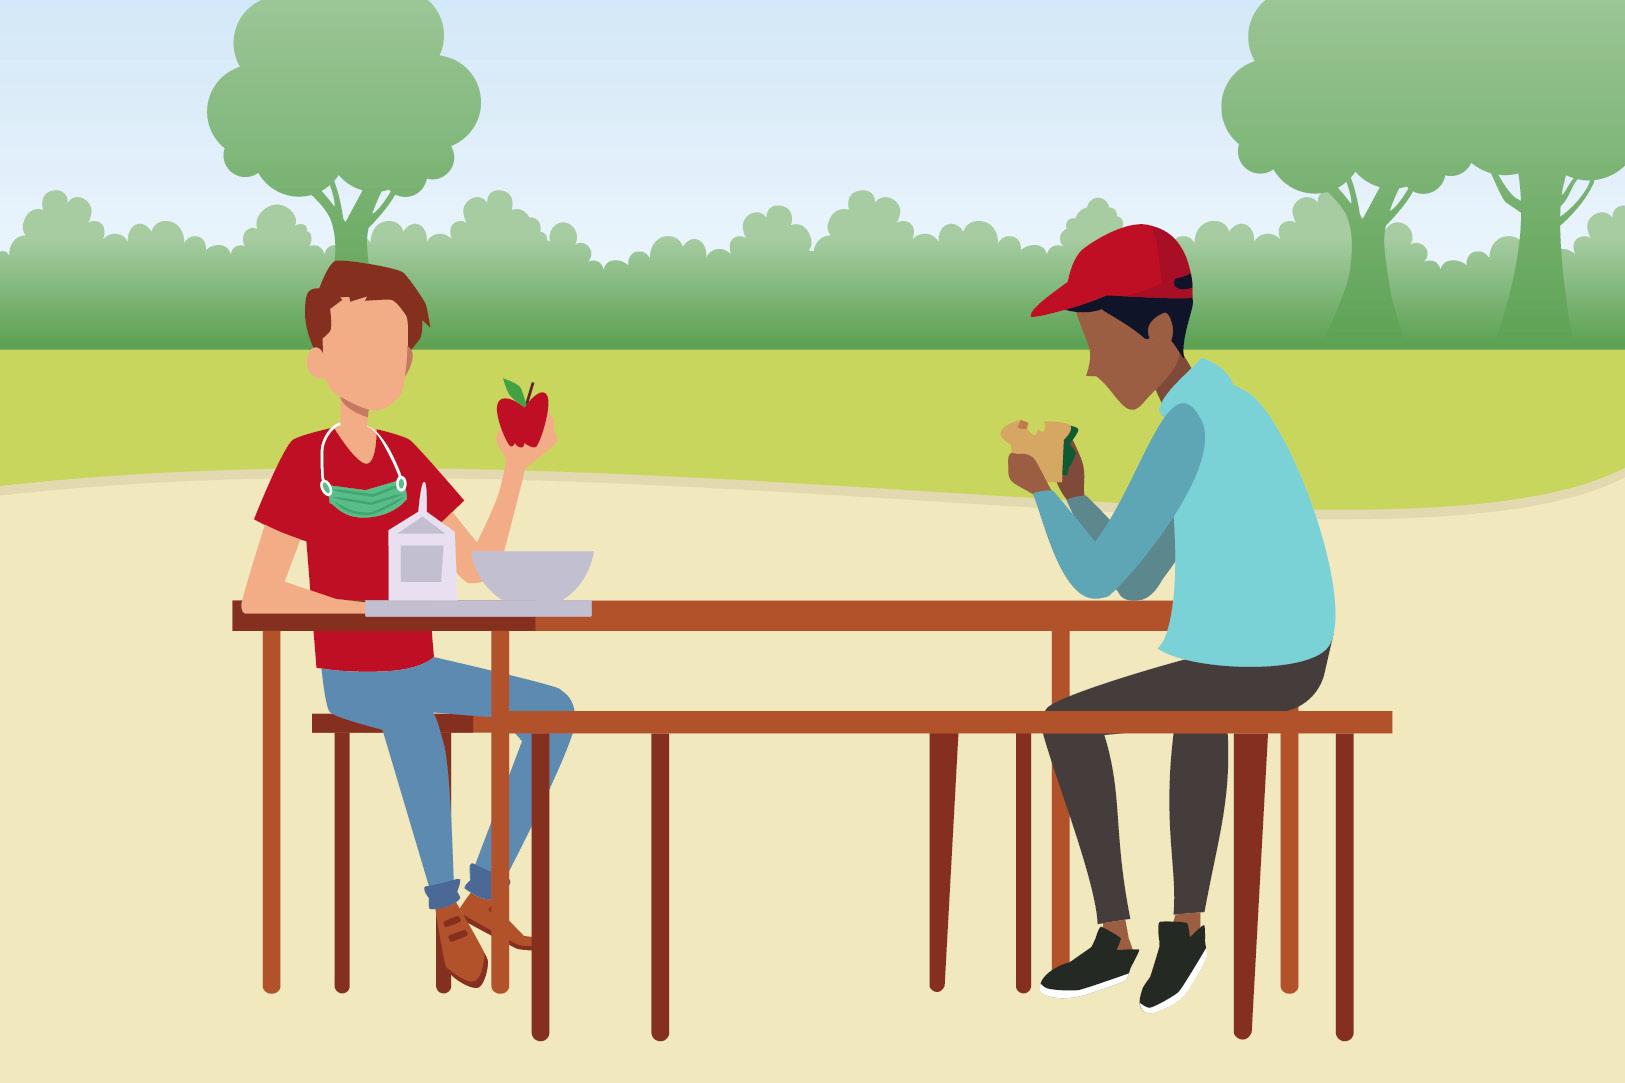 실외 피크닉 테이블에서 식사하는 두 사람 그림